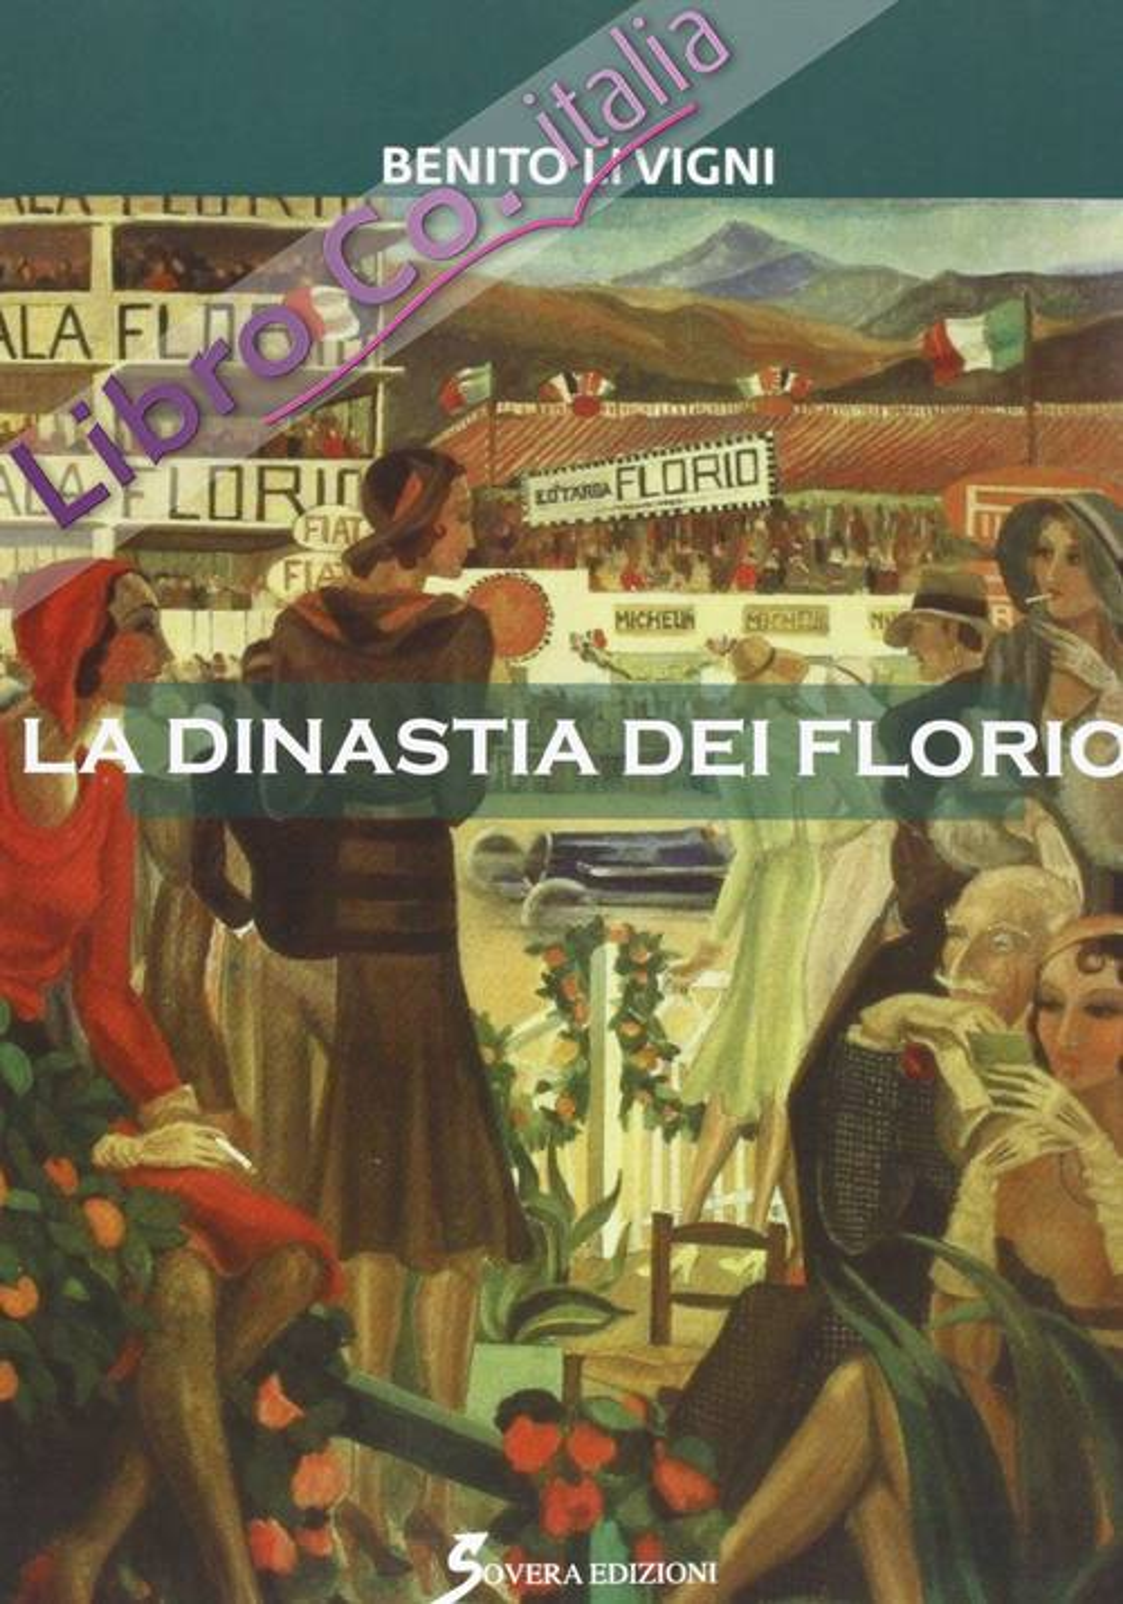 La dinastia dei Florio